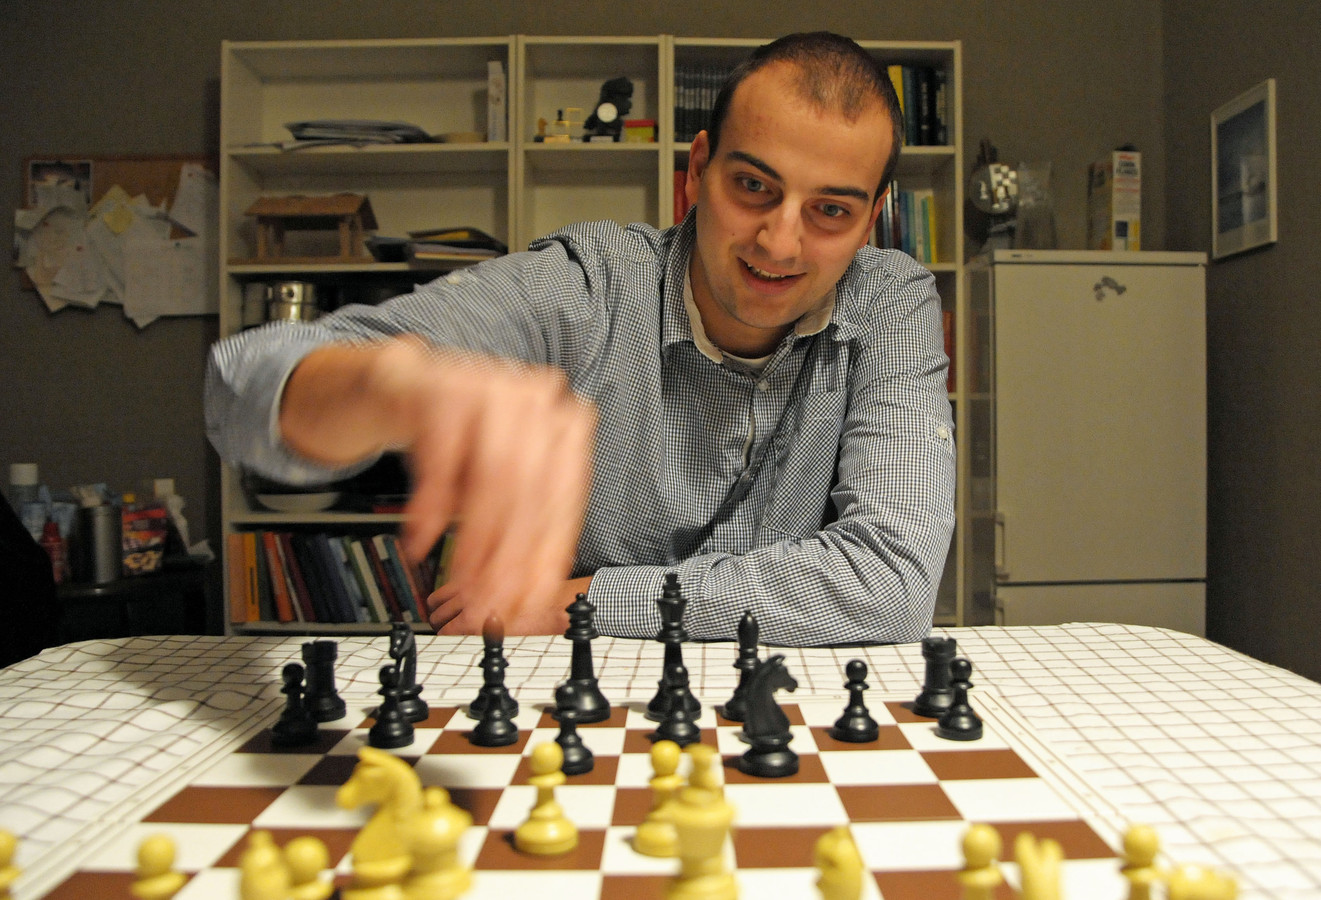 Koen Leenhouts is één van de schakers die namens HWP meedoet in Montenegro.